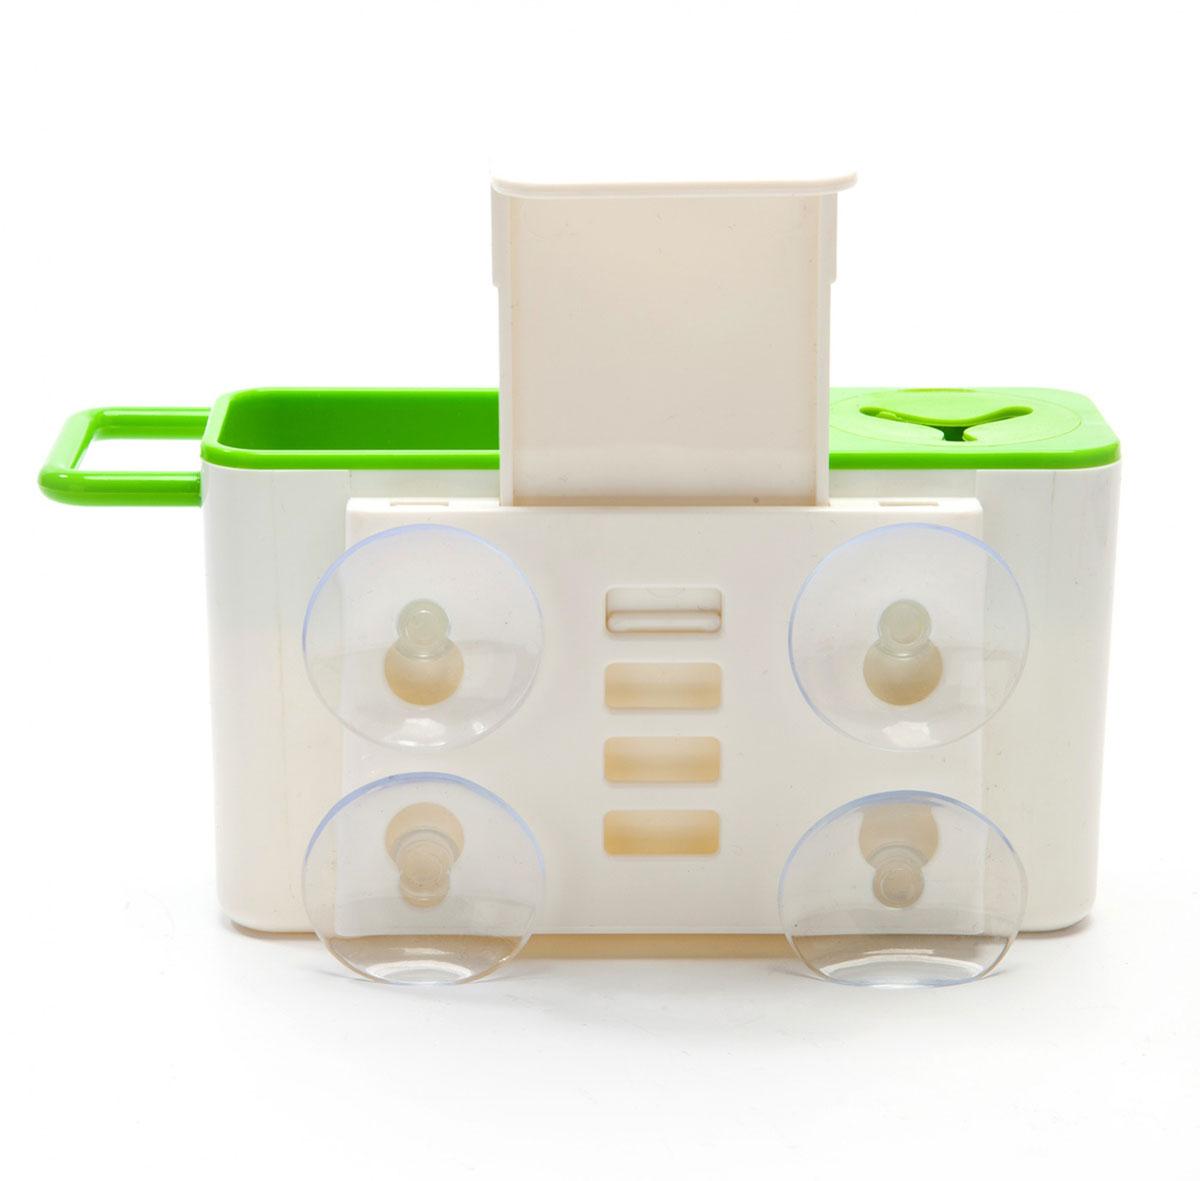 Органайзер для раковины BradexTK 0178Органайзер для раковины Bradex - это удобное и вместительное приспособление для хранения различных принадлежностей для мытья посуды и столешниц. Он плотно крепится на стенку раковины при помощи сильных присосок, таким образом, все необходимое для мытья посуды оказывается в одном удобном месте. Органайзер имеет отделение для губок, перекладину для тряпок, а также отверстие для щеток с ручкой. Благодаря особой конструкции дна органайзера излишки воды или мыла не задерживаются в резервуаре, а стекают прямо в раковину. Кроме того, органайзер для раковины легко разбирается и моется.